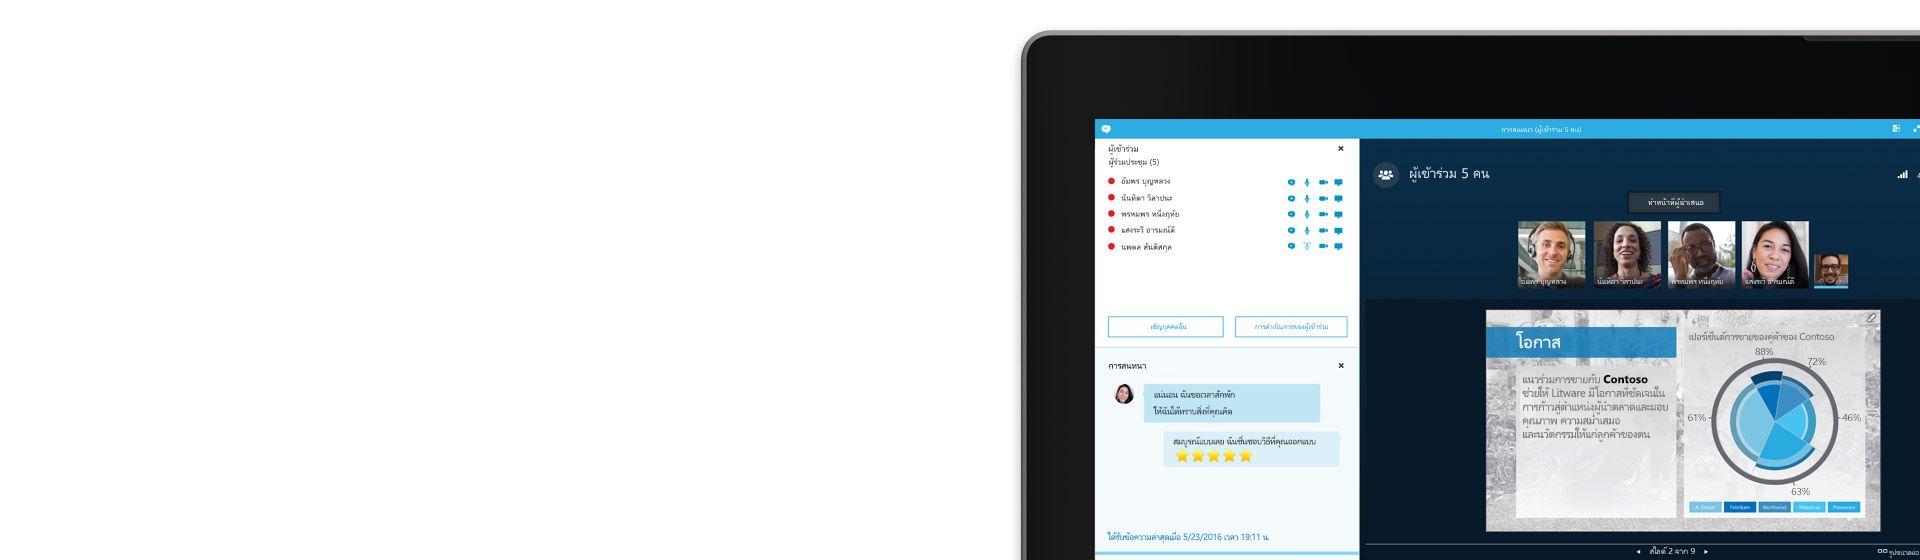 มุมของหน้าจอแล็ปท็อปกำลังแสดงการประชุม Skype for Business ที่ดำเนินการอยู่พร้อมกับรายการของผู้เข้าร่วม